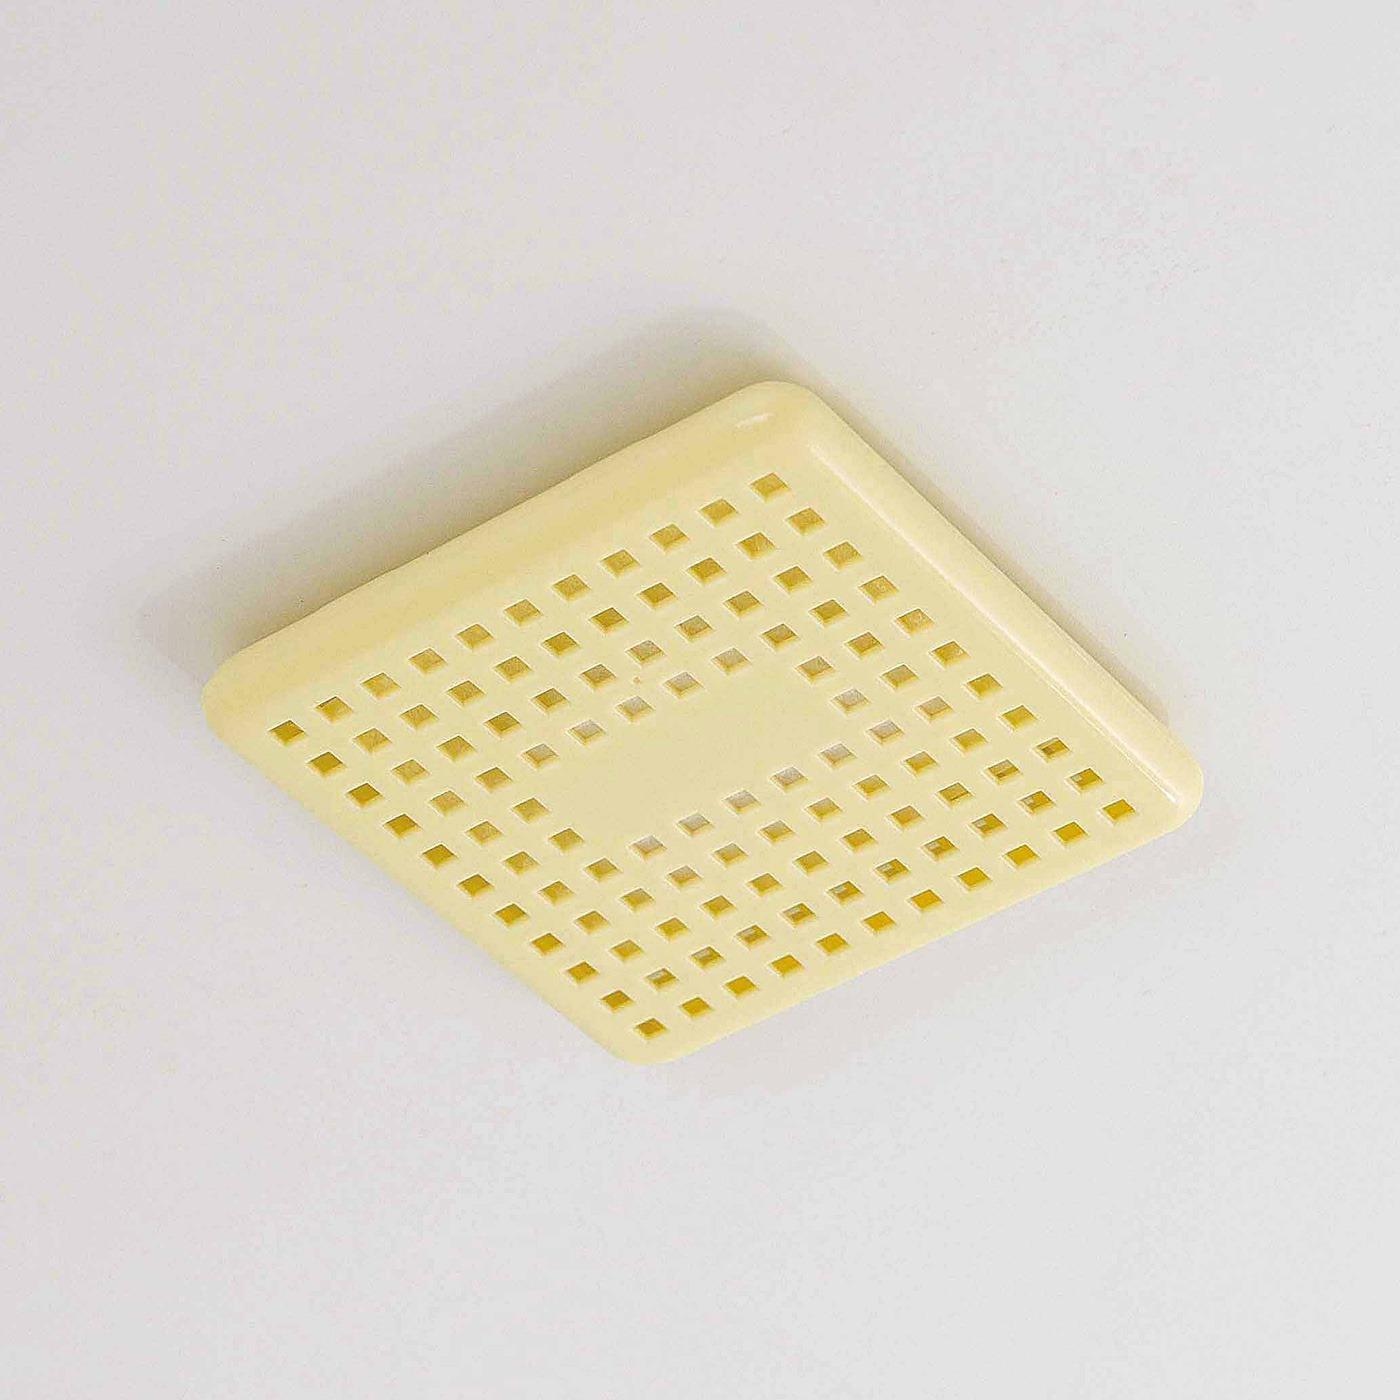 付属の両面テープで浴室の天井に貼り付けて使用します。